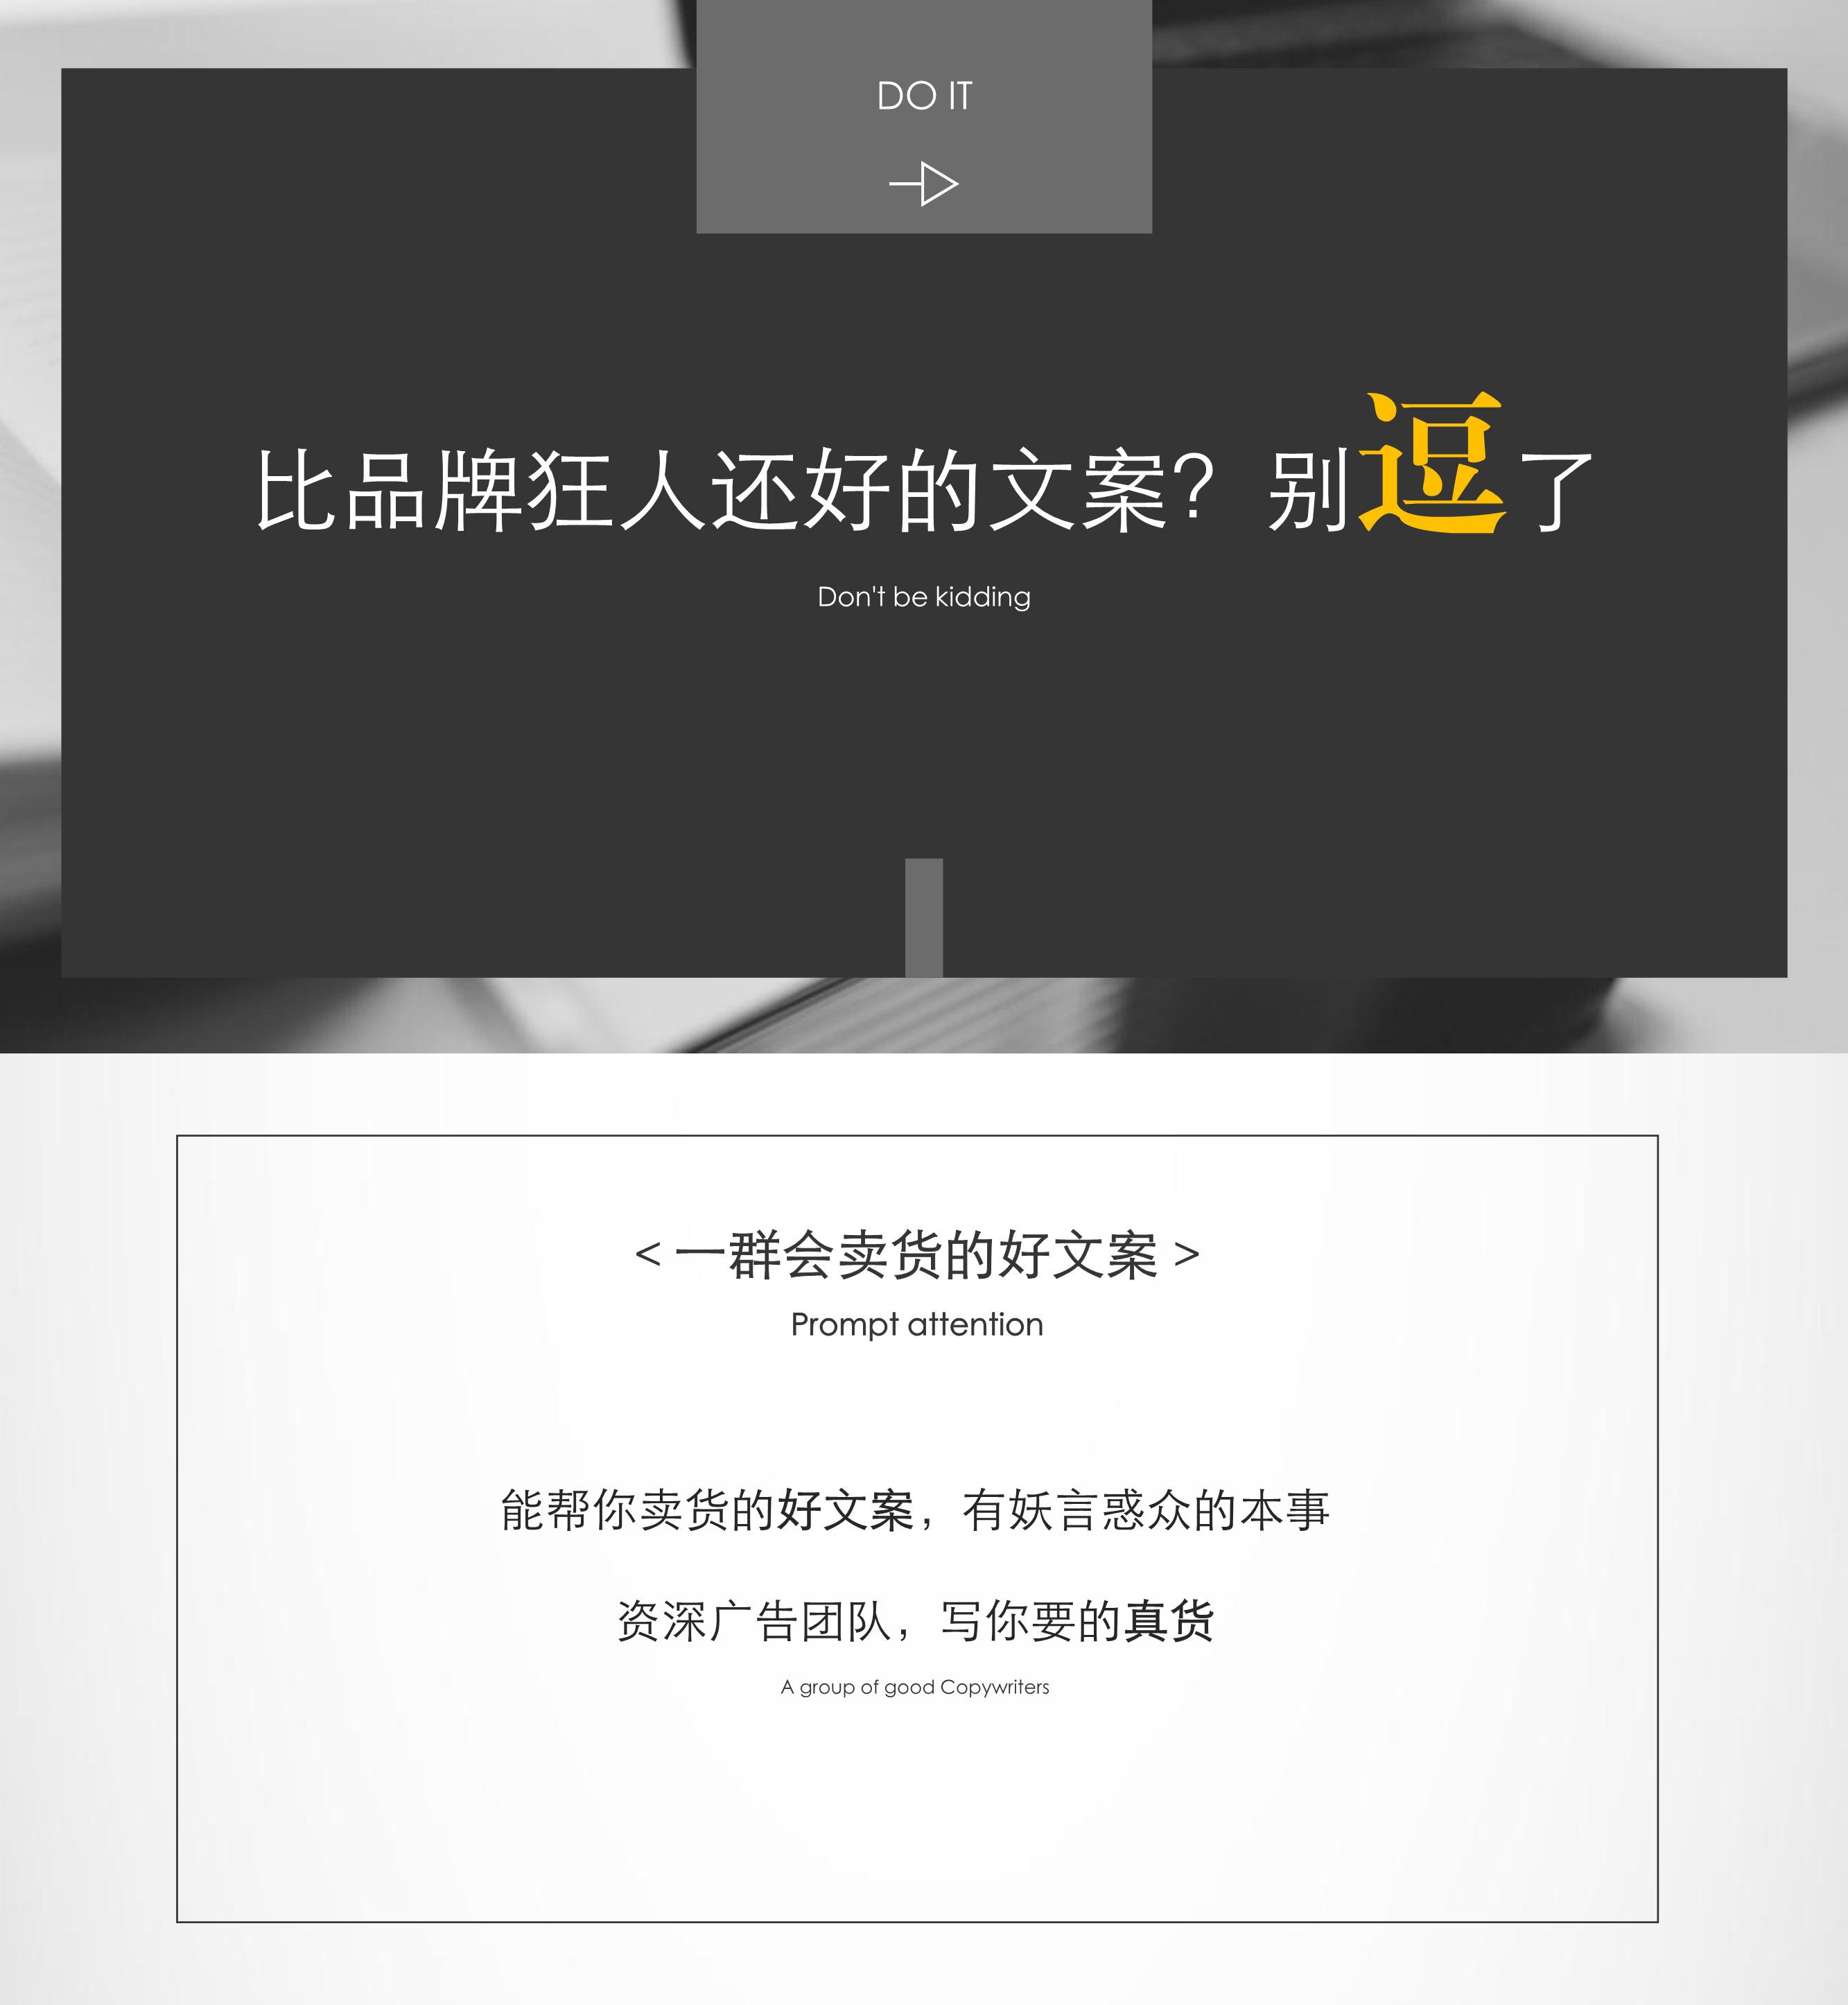 _品牌狂人 专业产品牌全案策划机构 定制定位企业形象宣传包装4